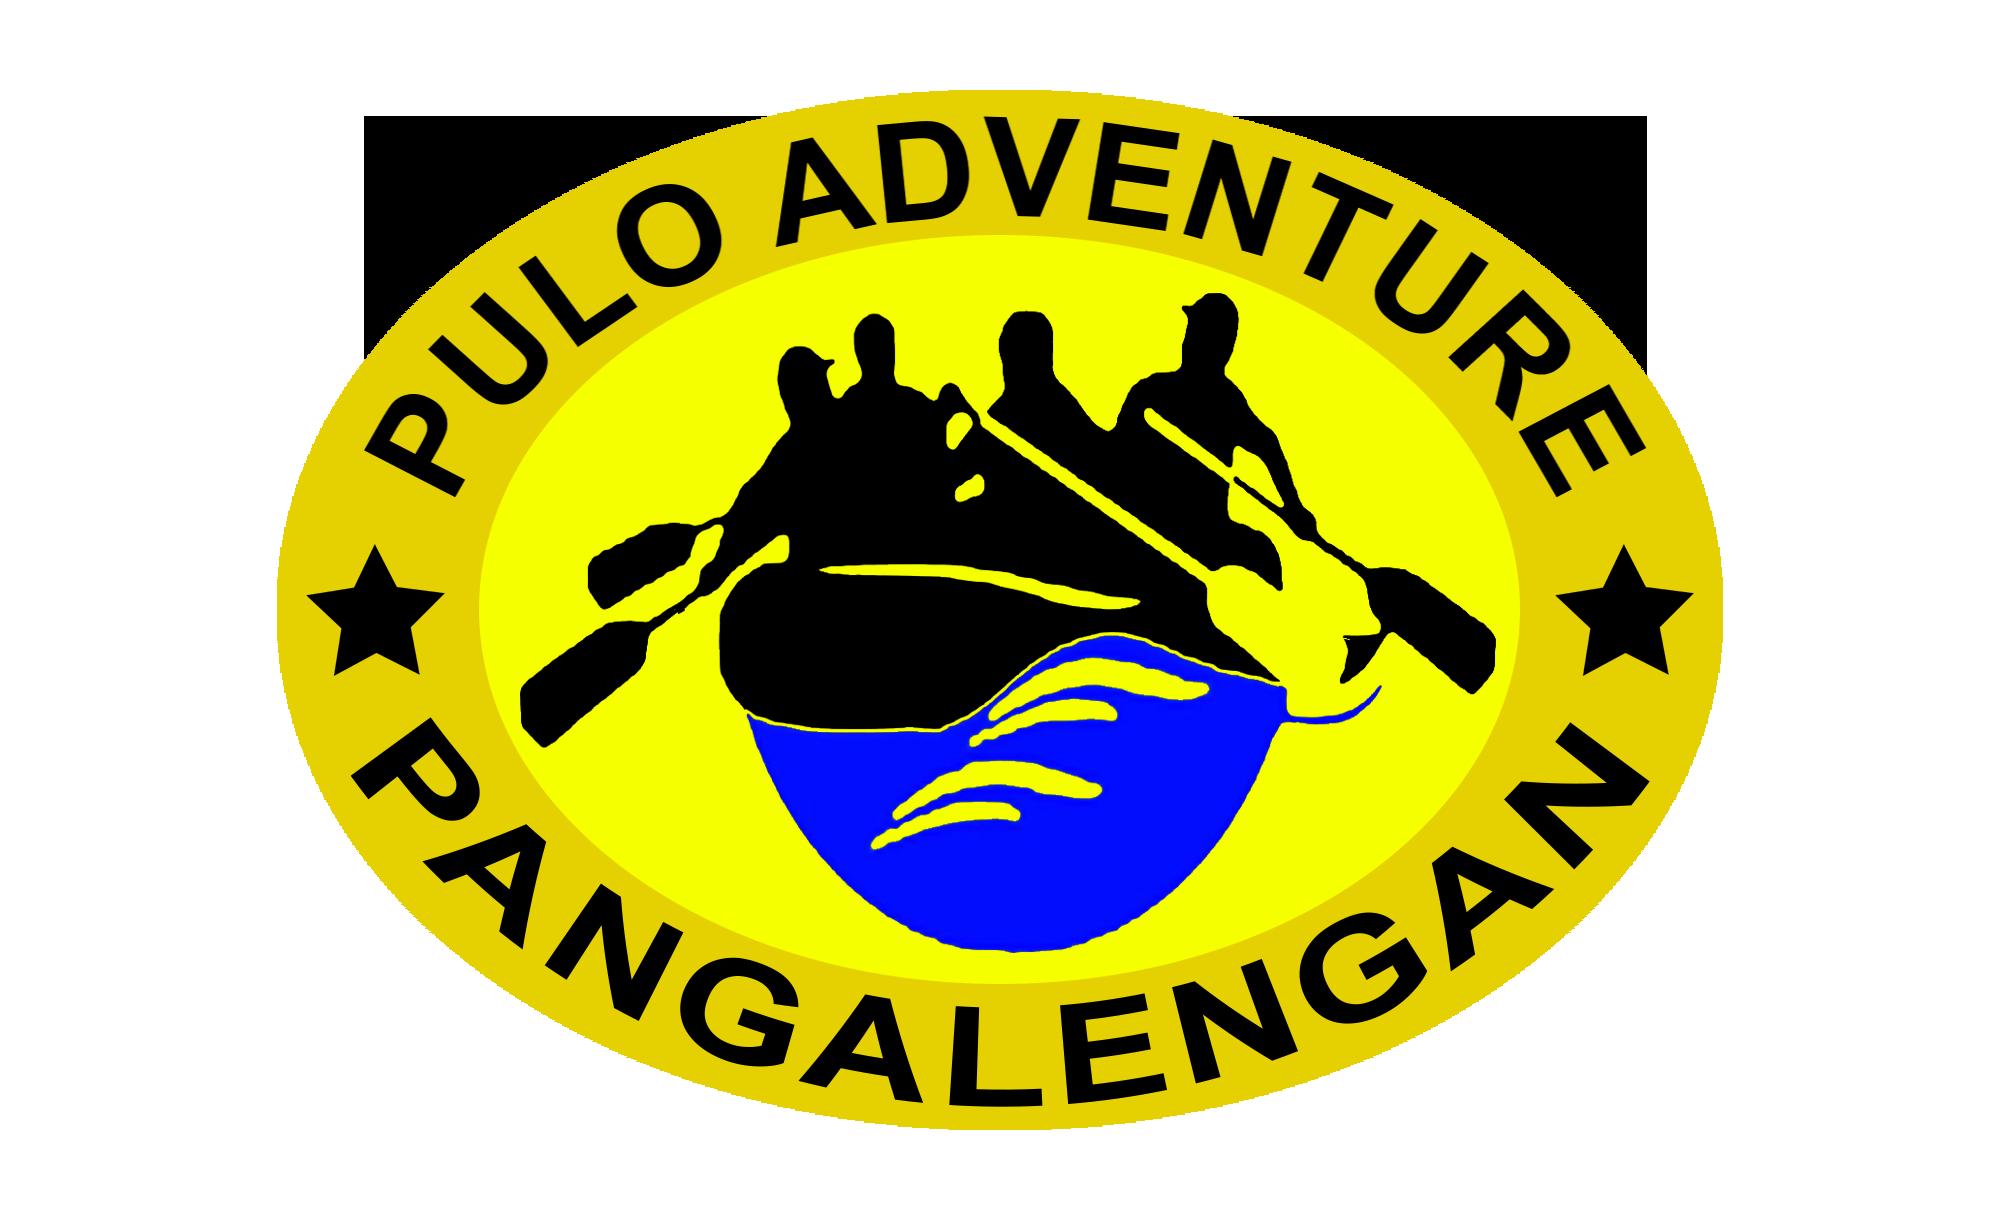 Pulo Adventure